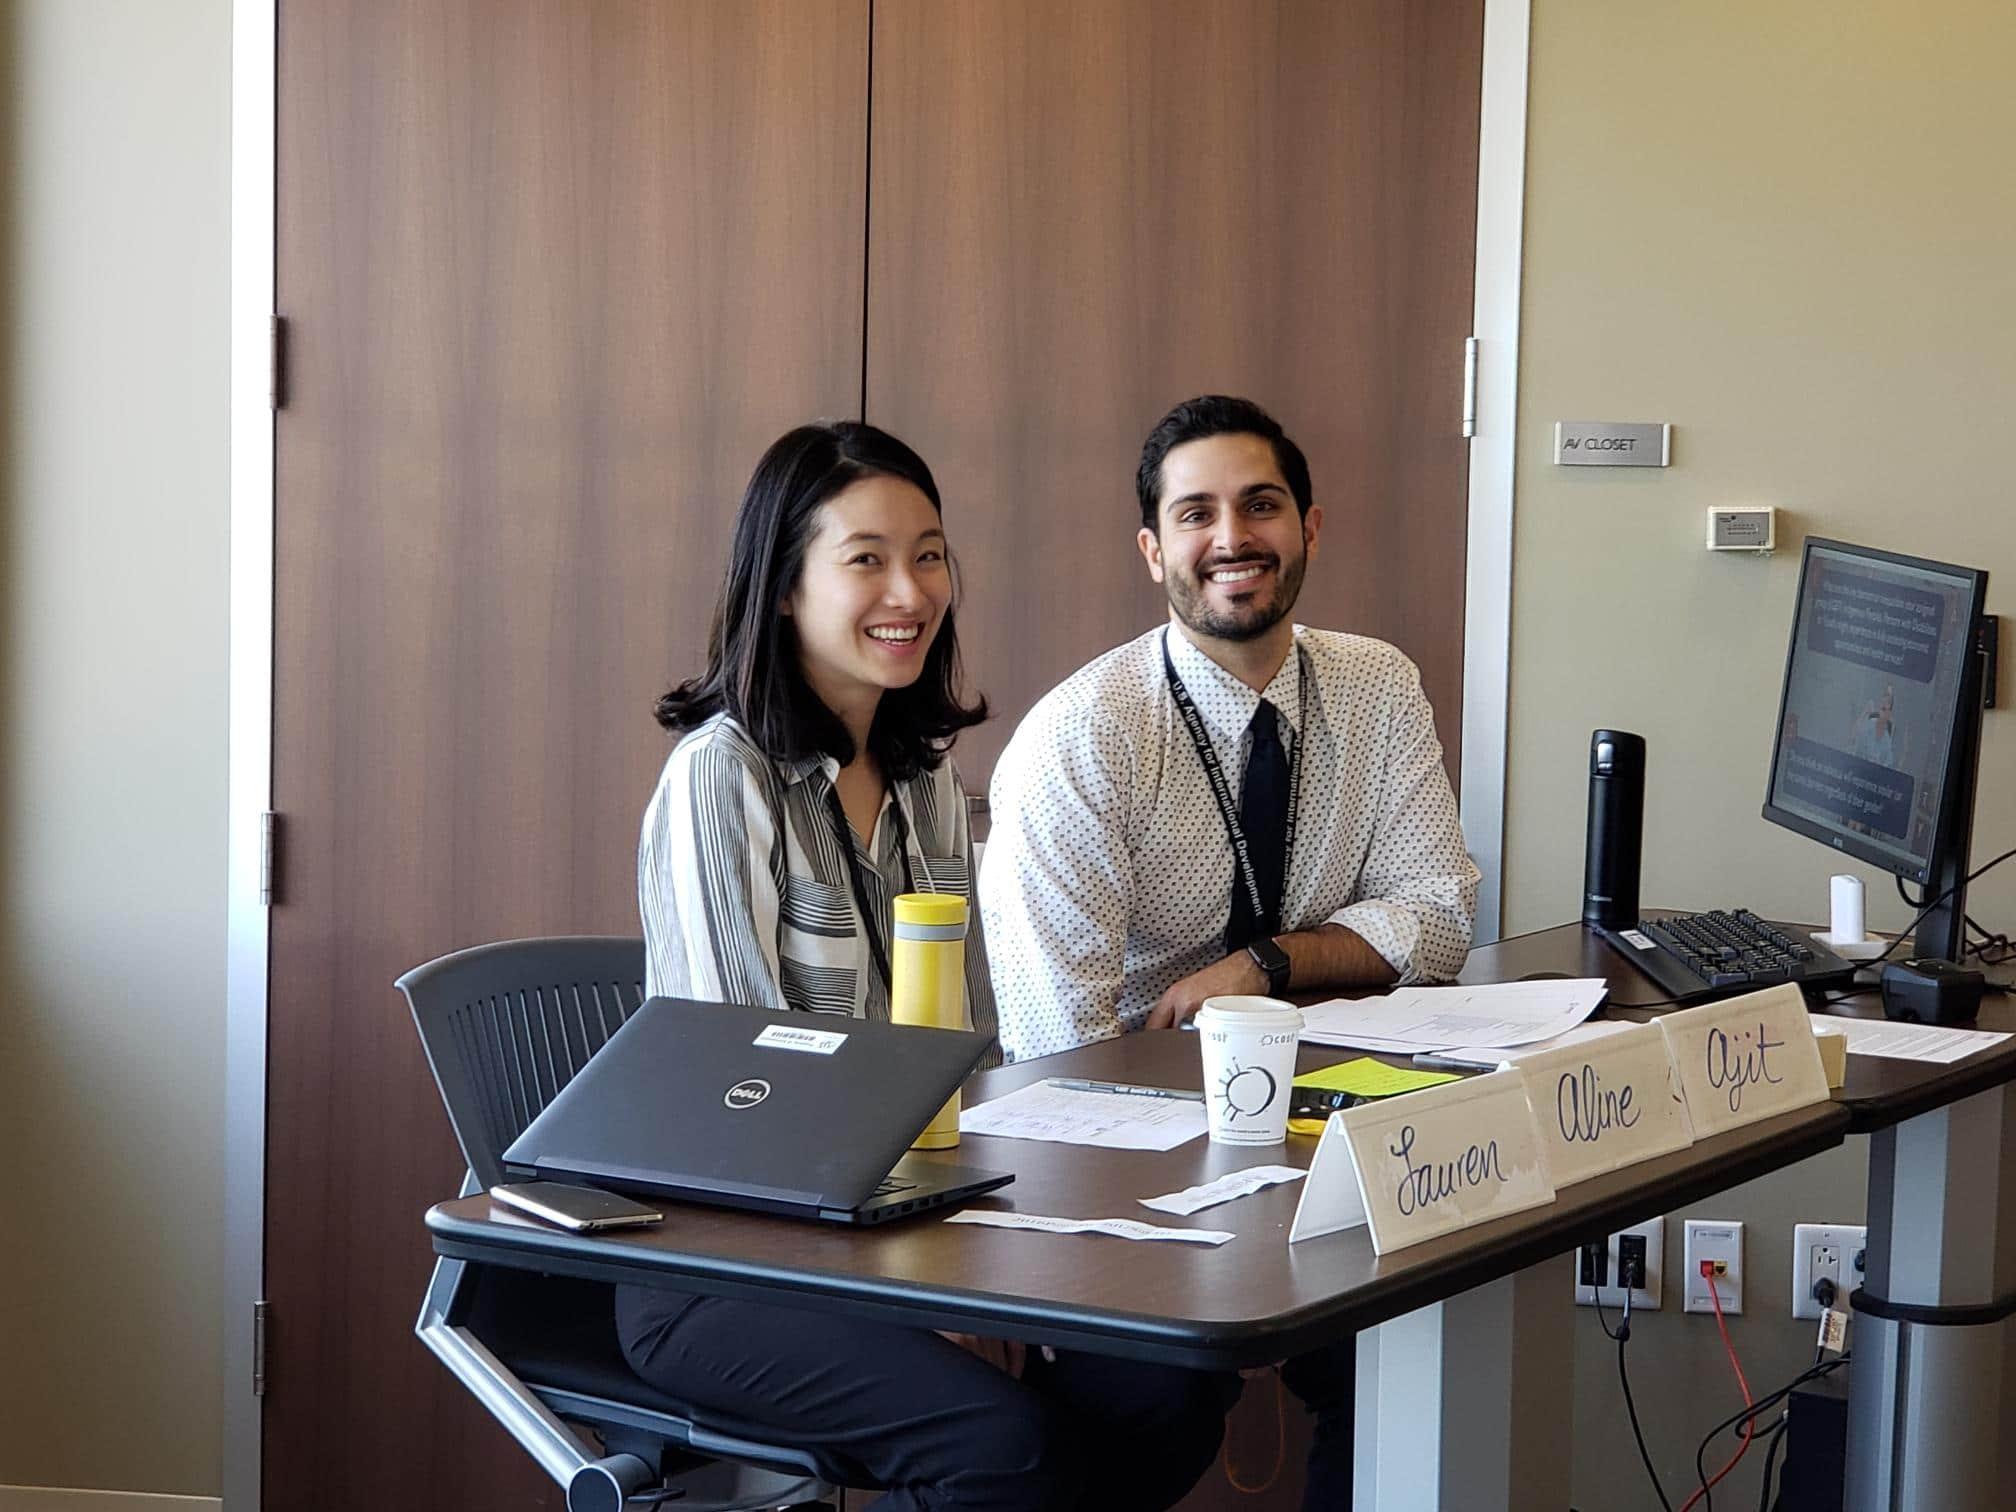 Soojin and Ryan at ID Training May 2019